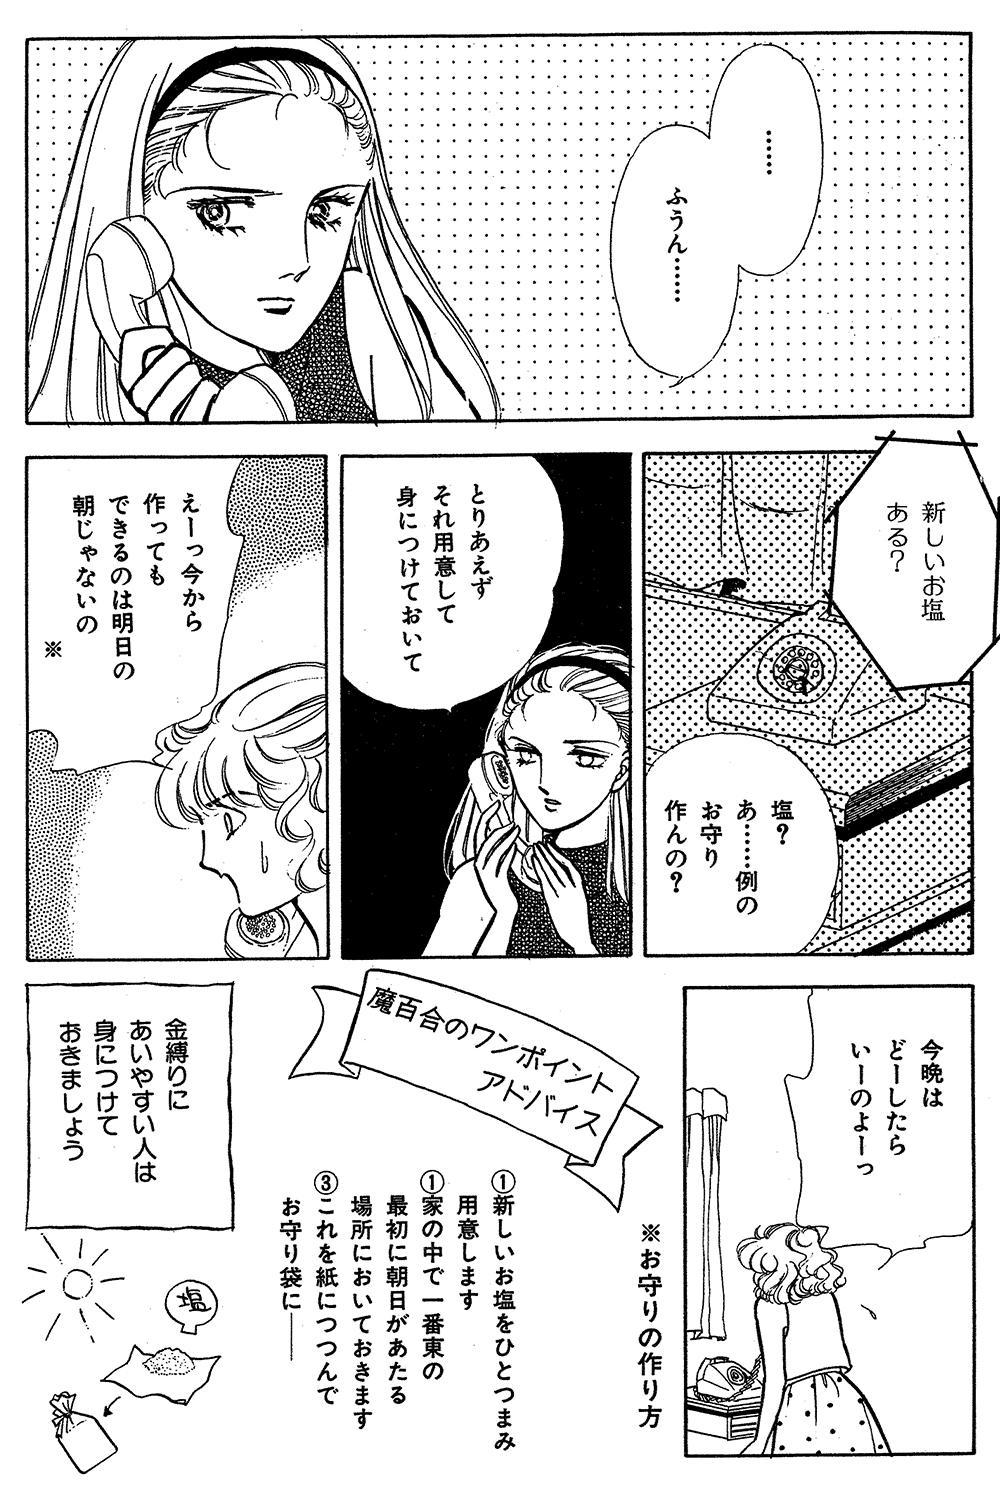 魔百合の恐怖報告 第1話「部屋の隅の白い影」②mayuri21.jpg